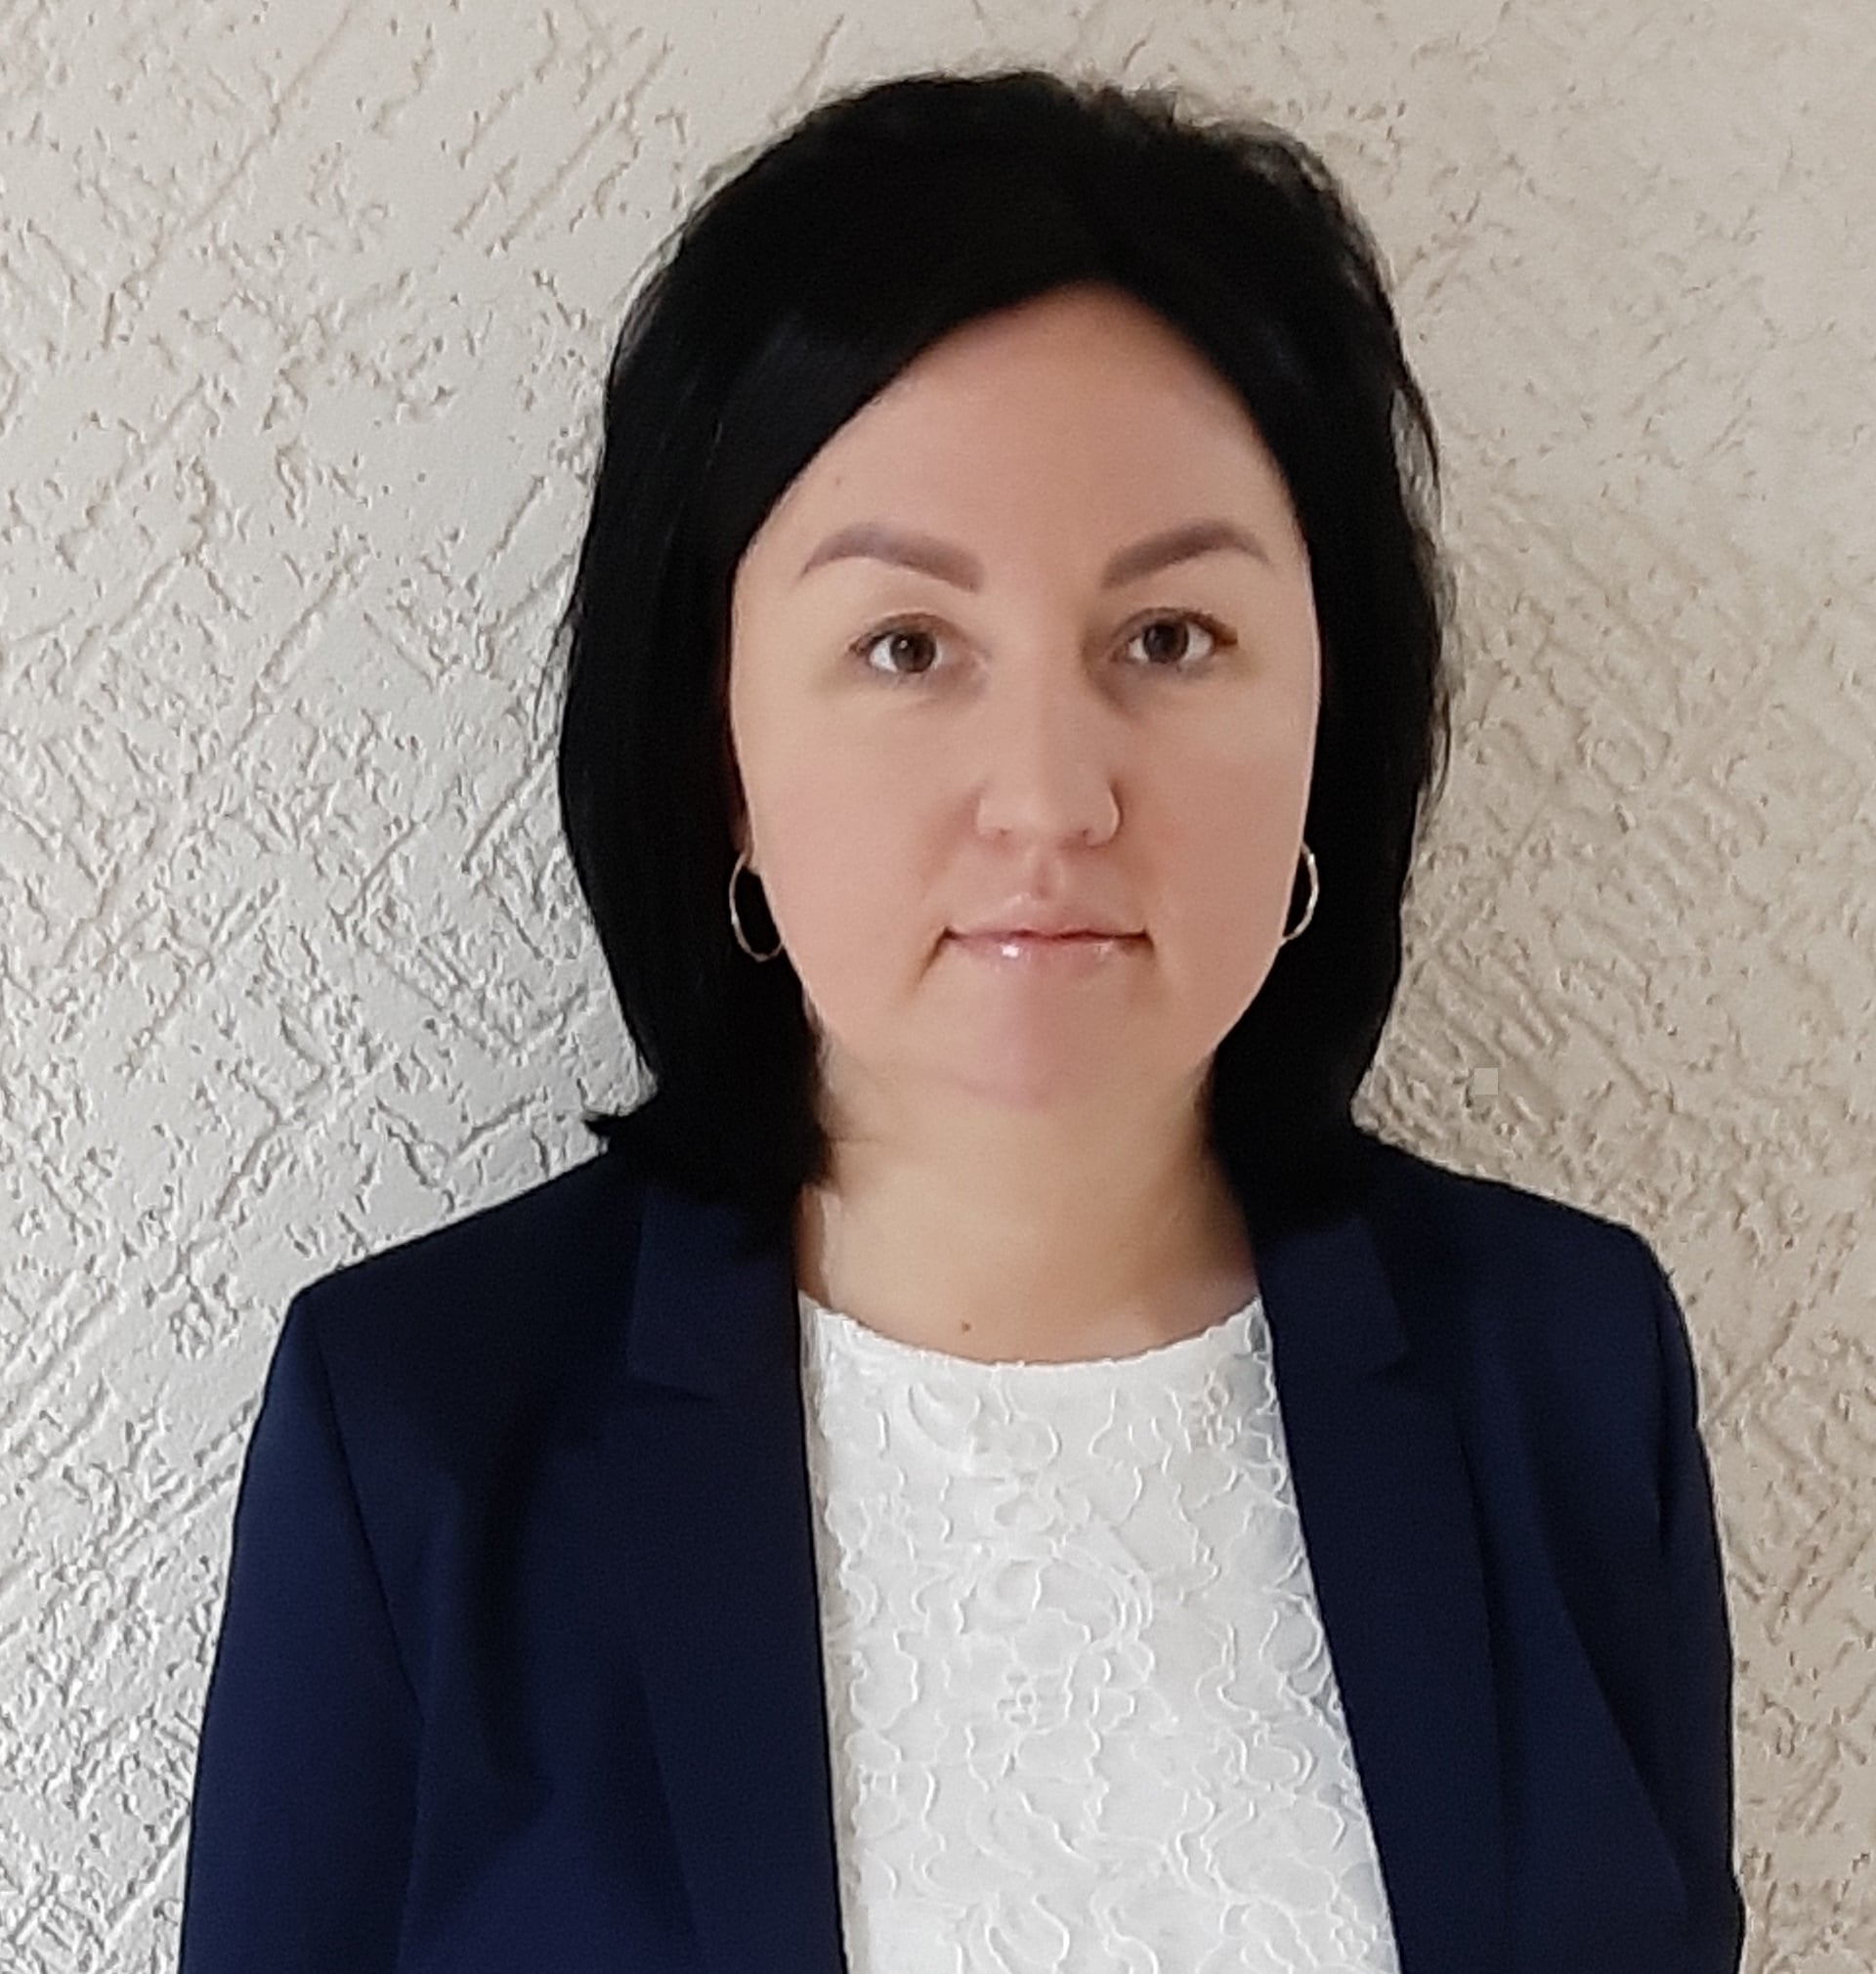 Анастасія Сергіївна Чуприна